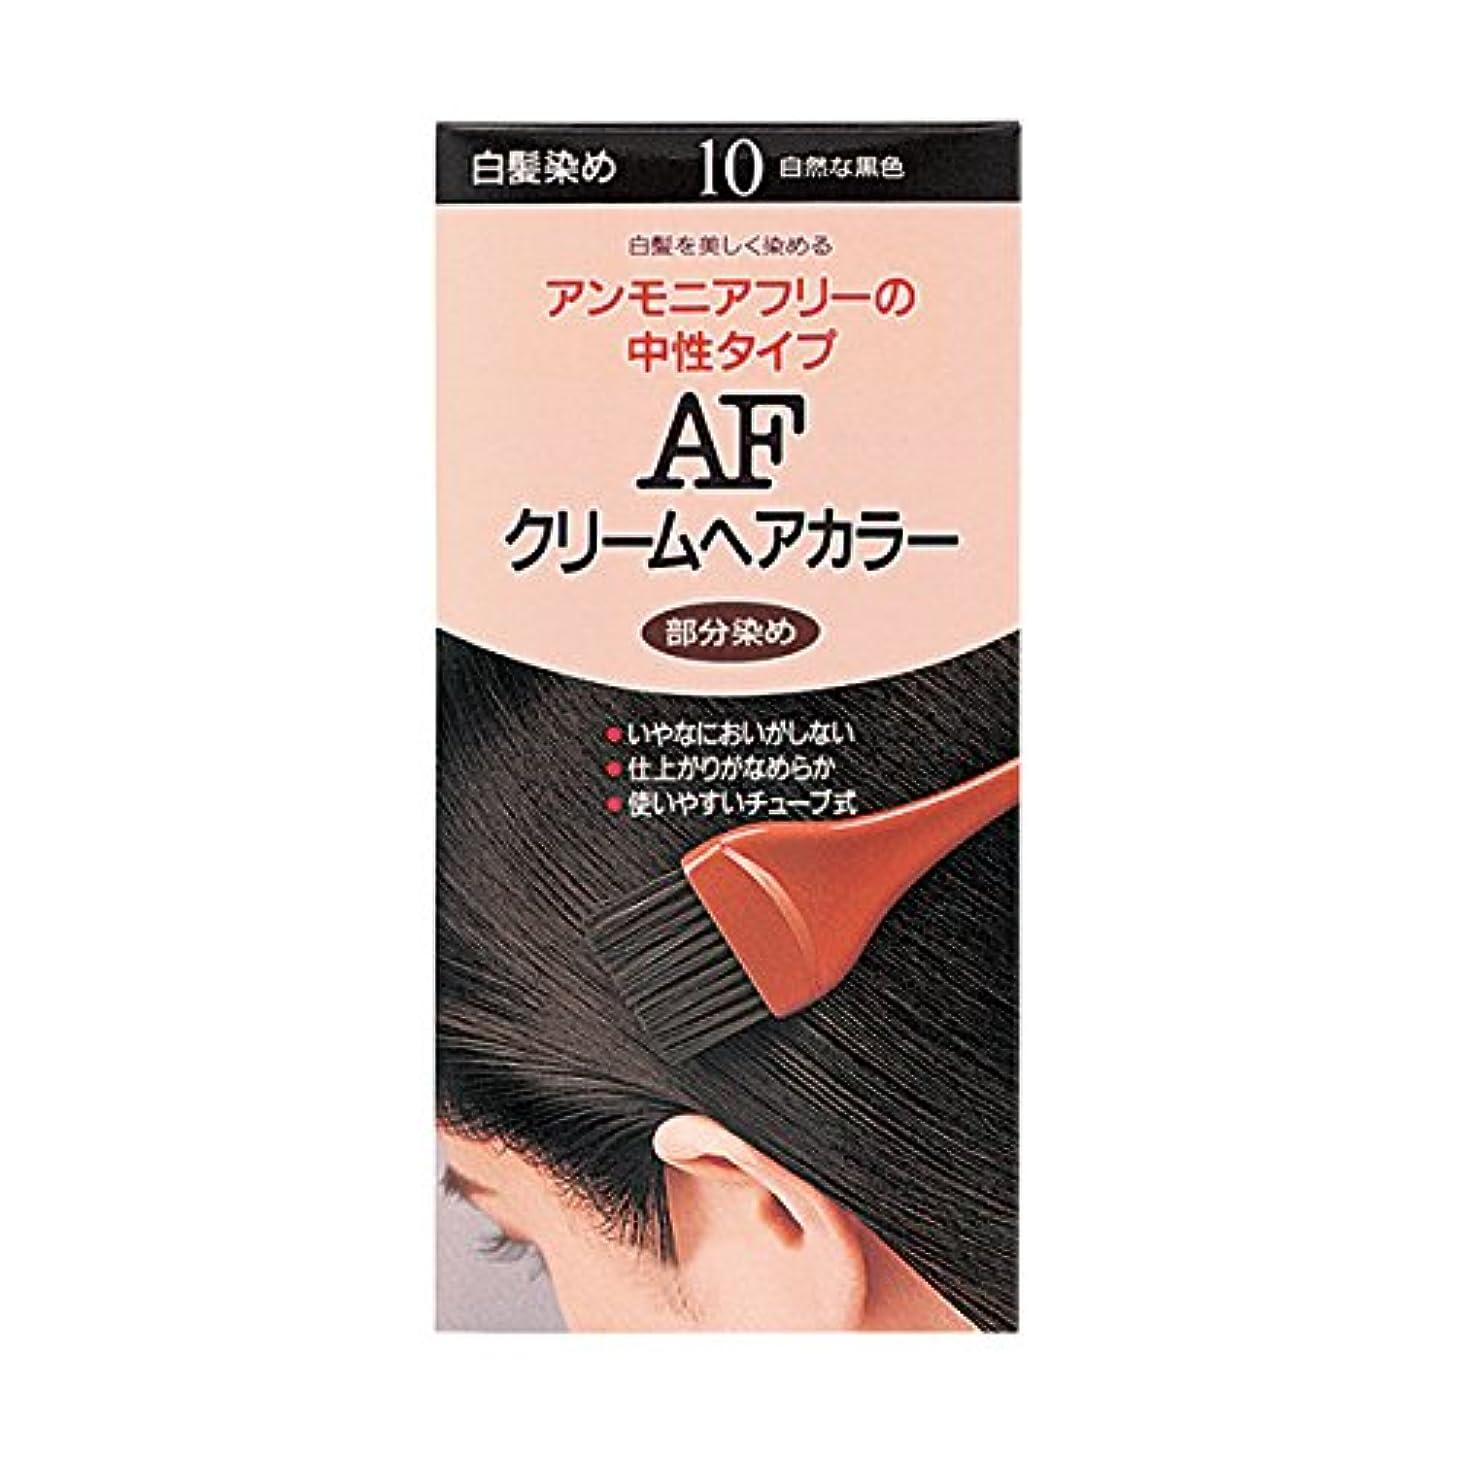 リマークオズワルド別にヘアカラー AFクリームヘアカラー 10 【医薬部外品】